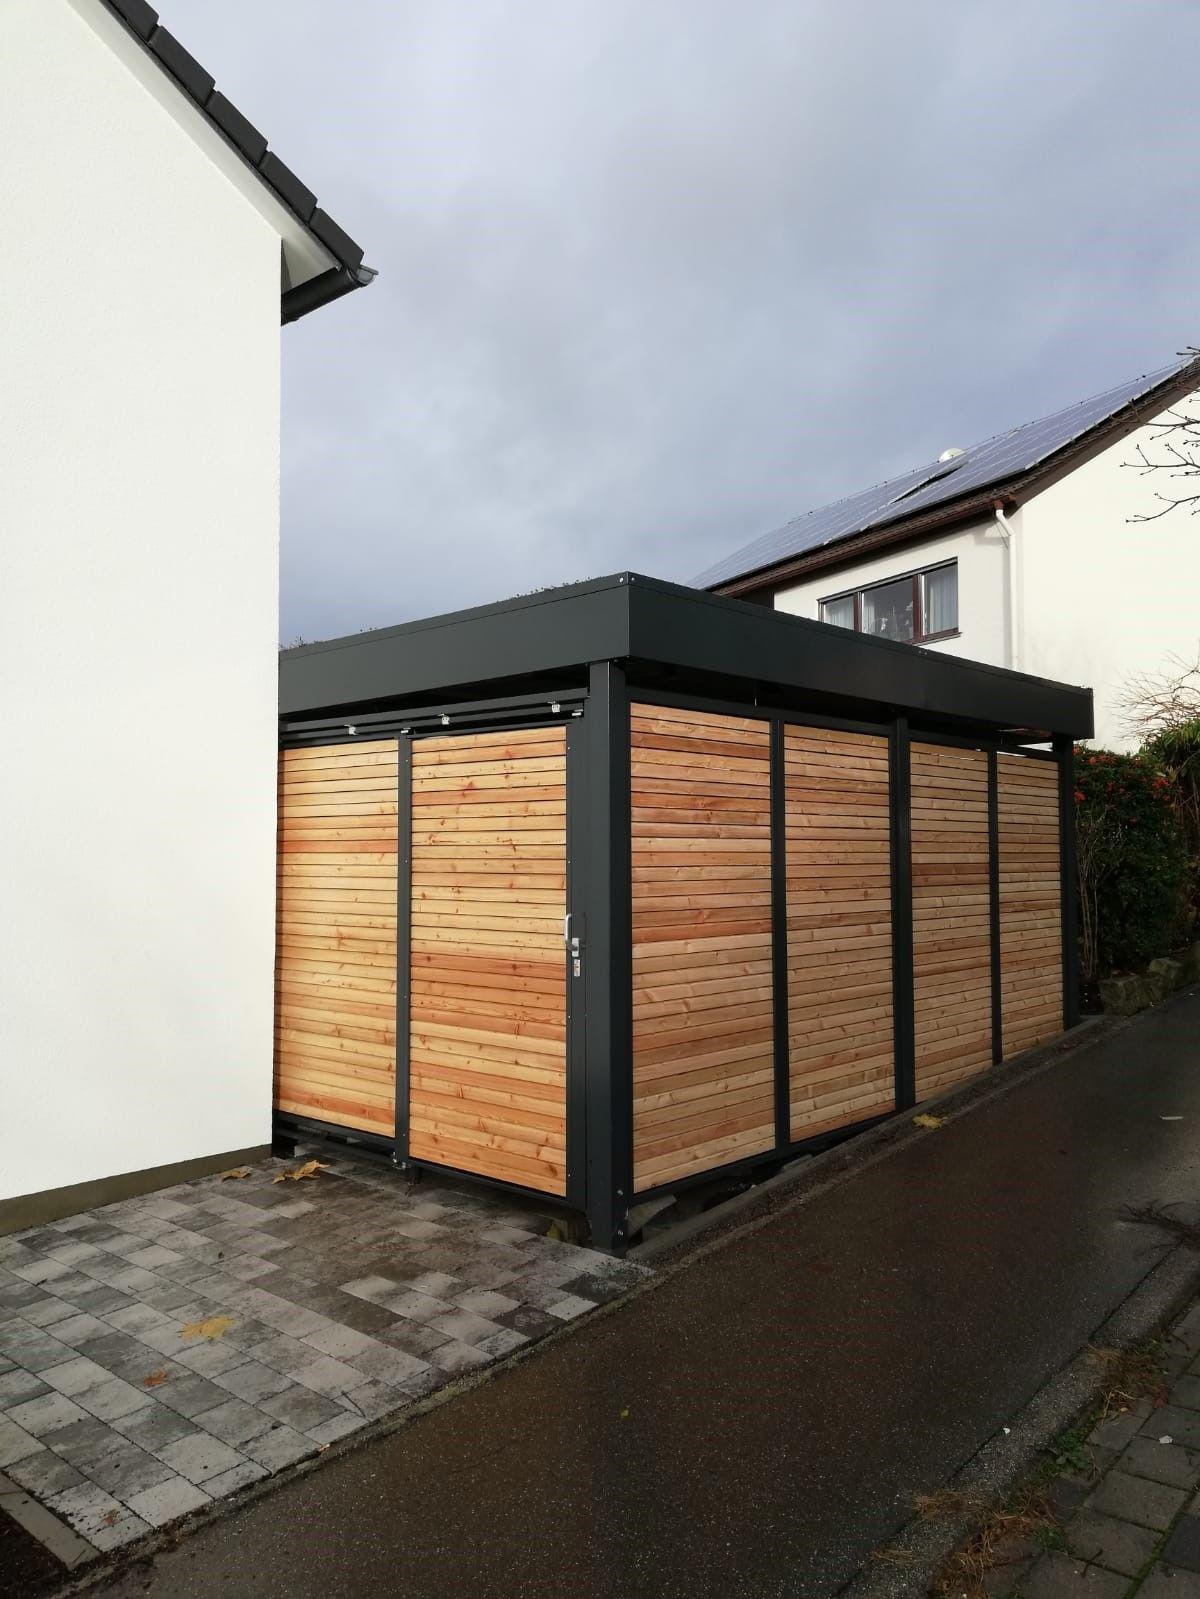 Gerätehaus mit Schiebetür und blickhemmender Holzlattung